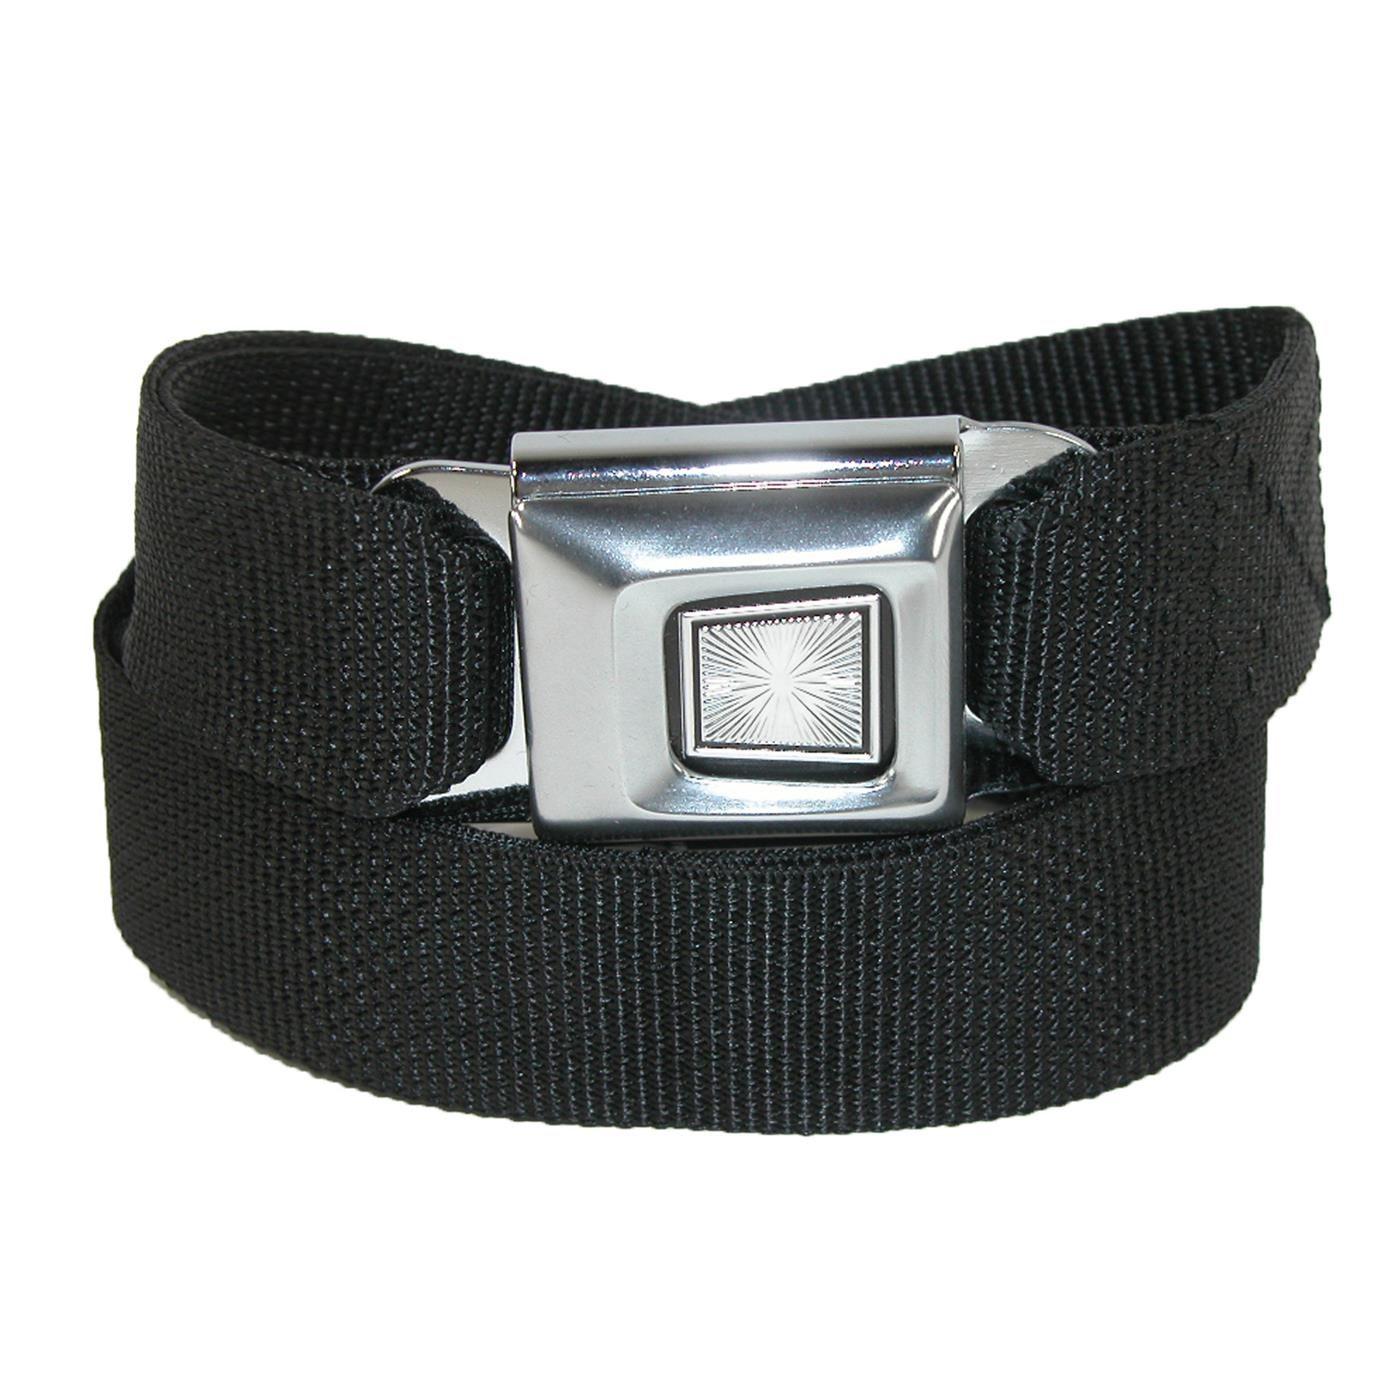 Buckle-Down Seatbelt Buckle Belt